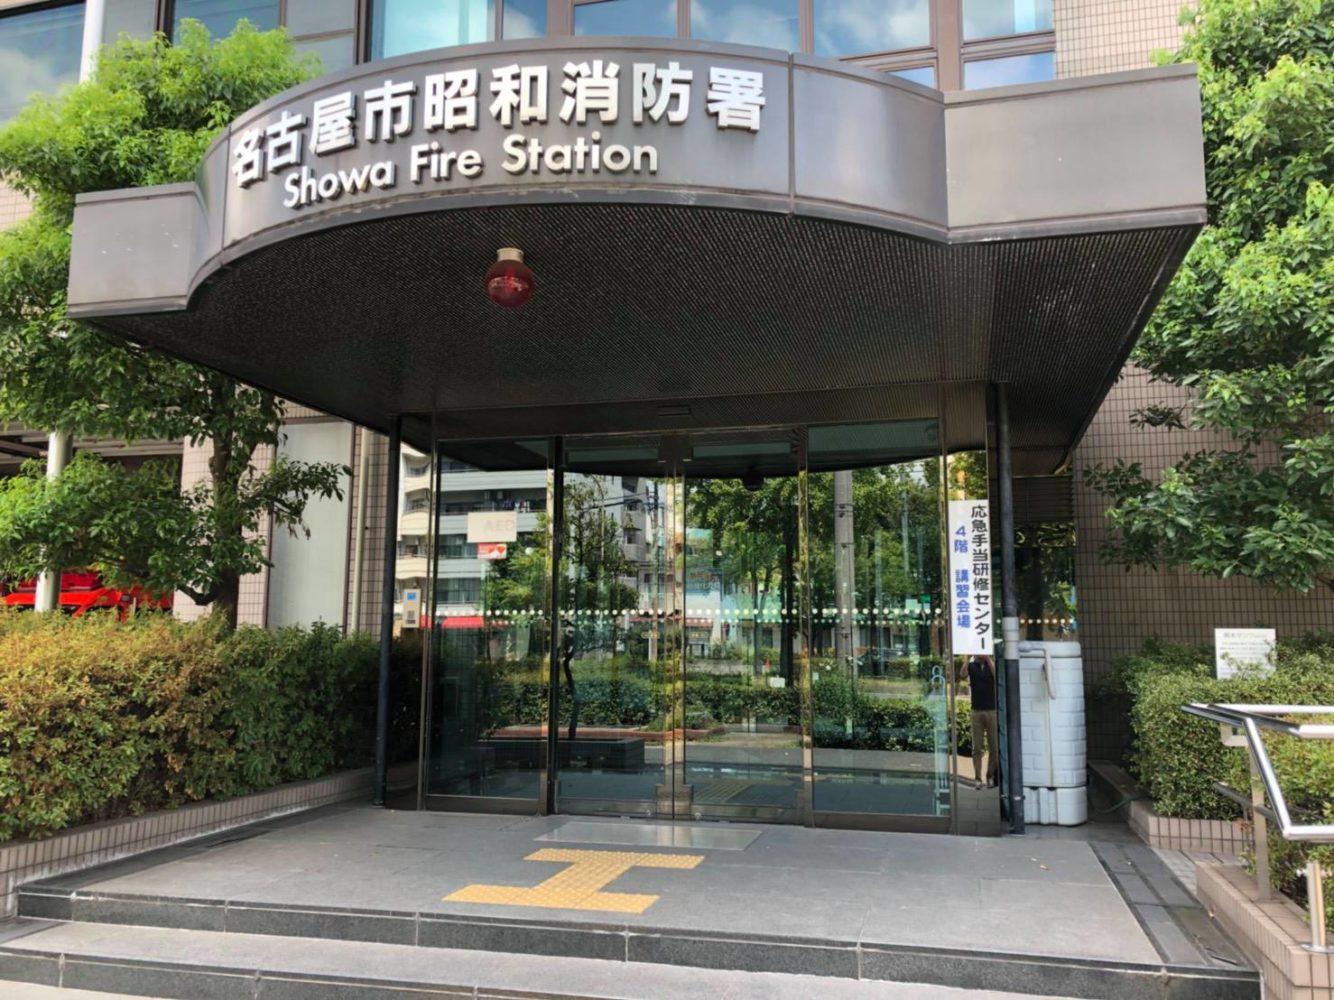 名古屋市の消防署で普通救命講習を受講